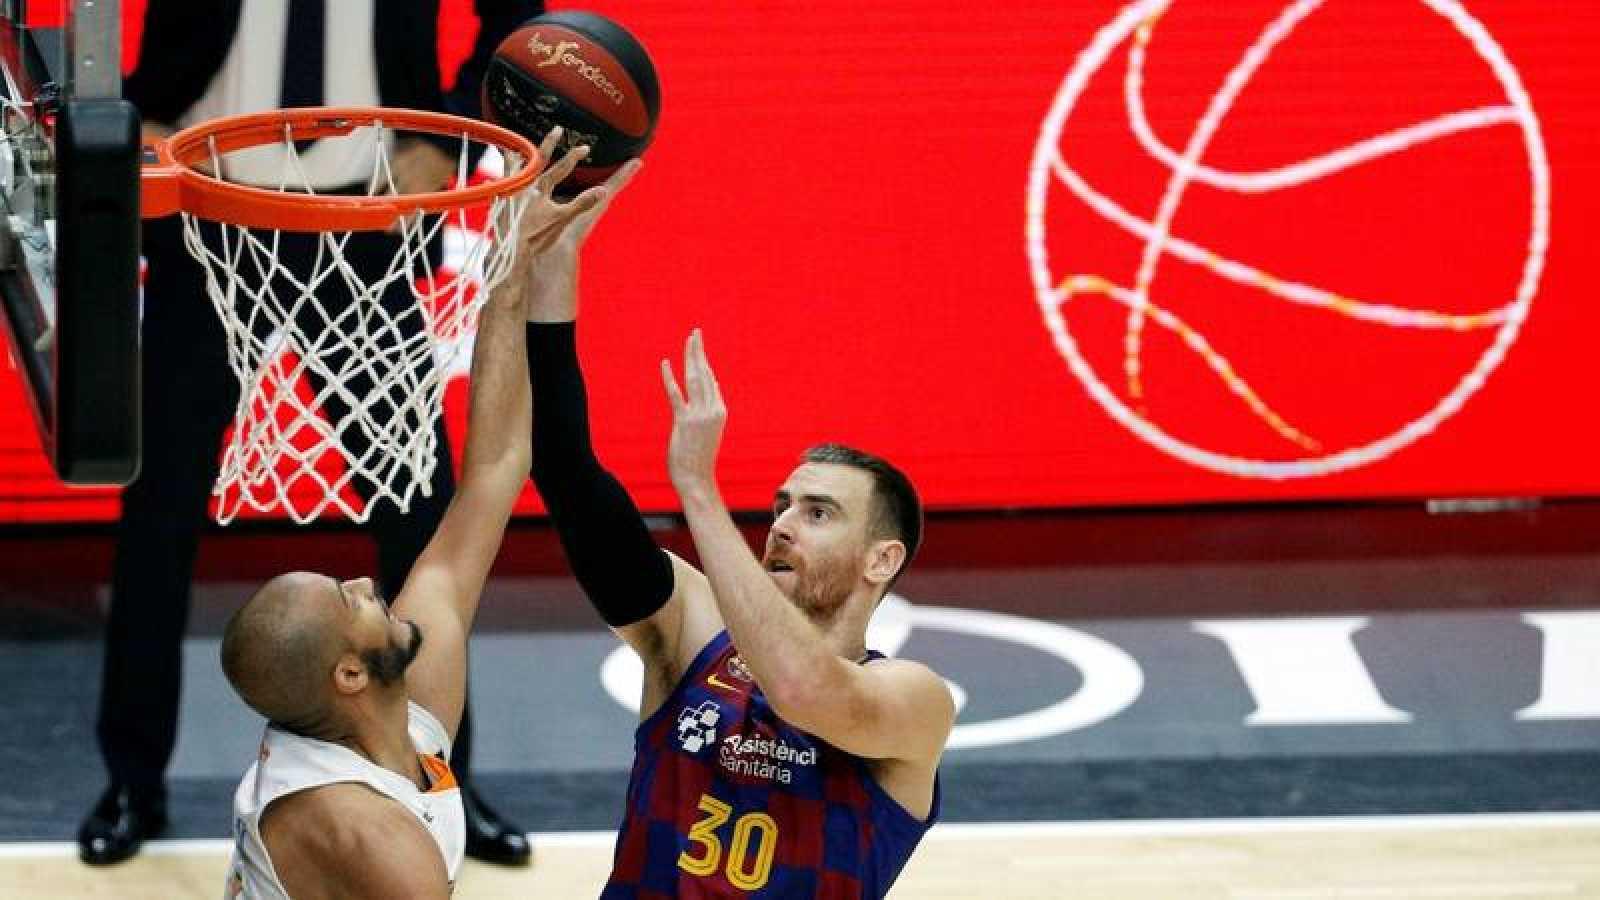 El alero estadounidense del Kirolbet Baskonia, Shavon Shields, trata de evitar el lanzamiento del alero del Barça, Victor Cláver.